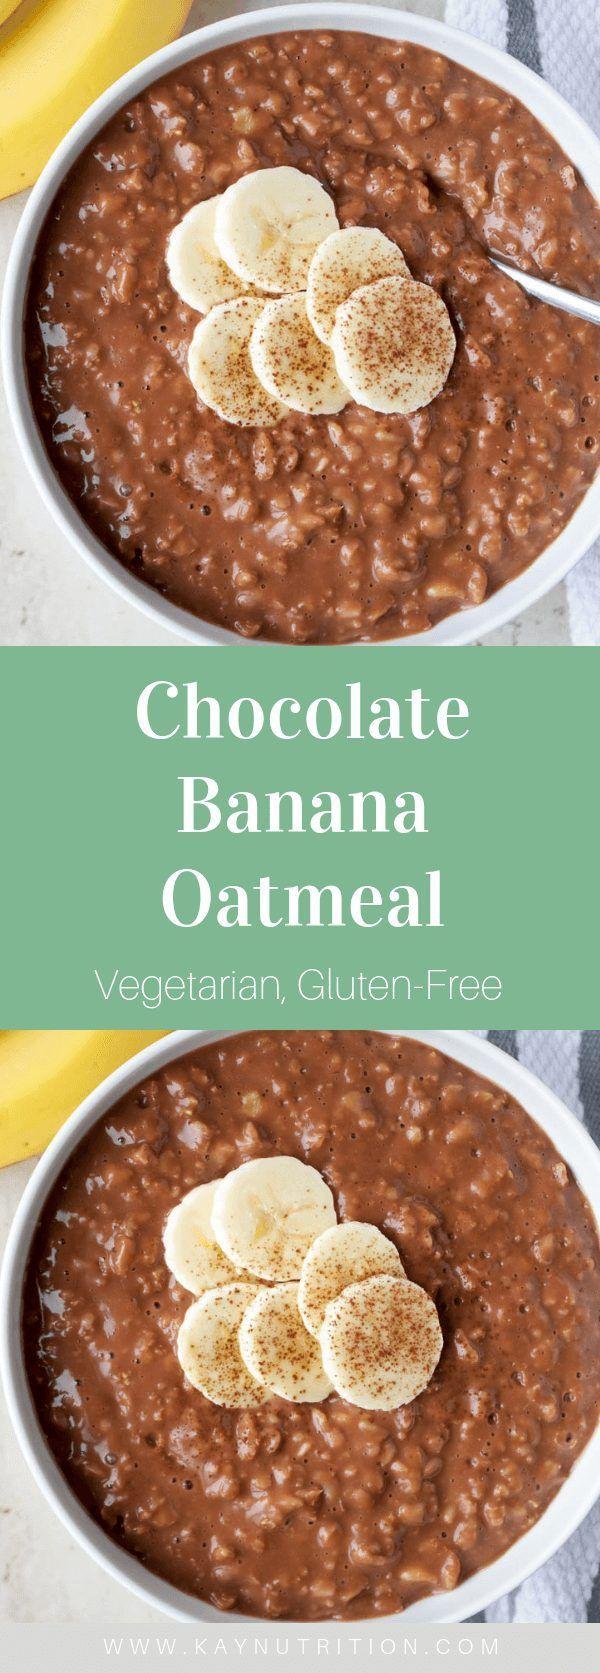 Chocolate Banana Oatmeal -  Chocolate Banana Oatmeal – Stephanie Kay   Nutritionist & Speaker  -